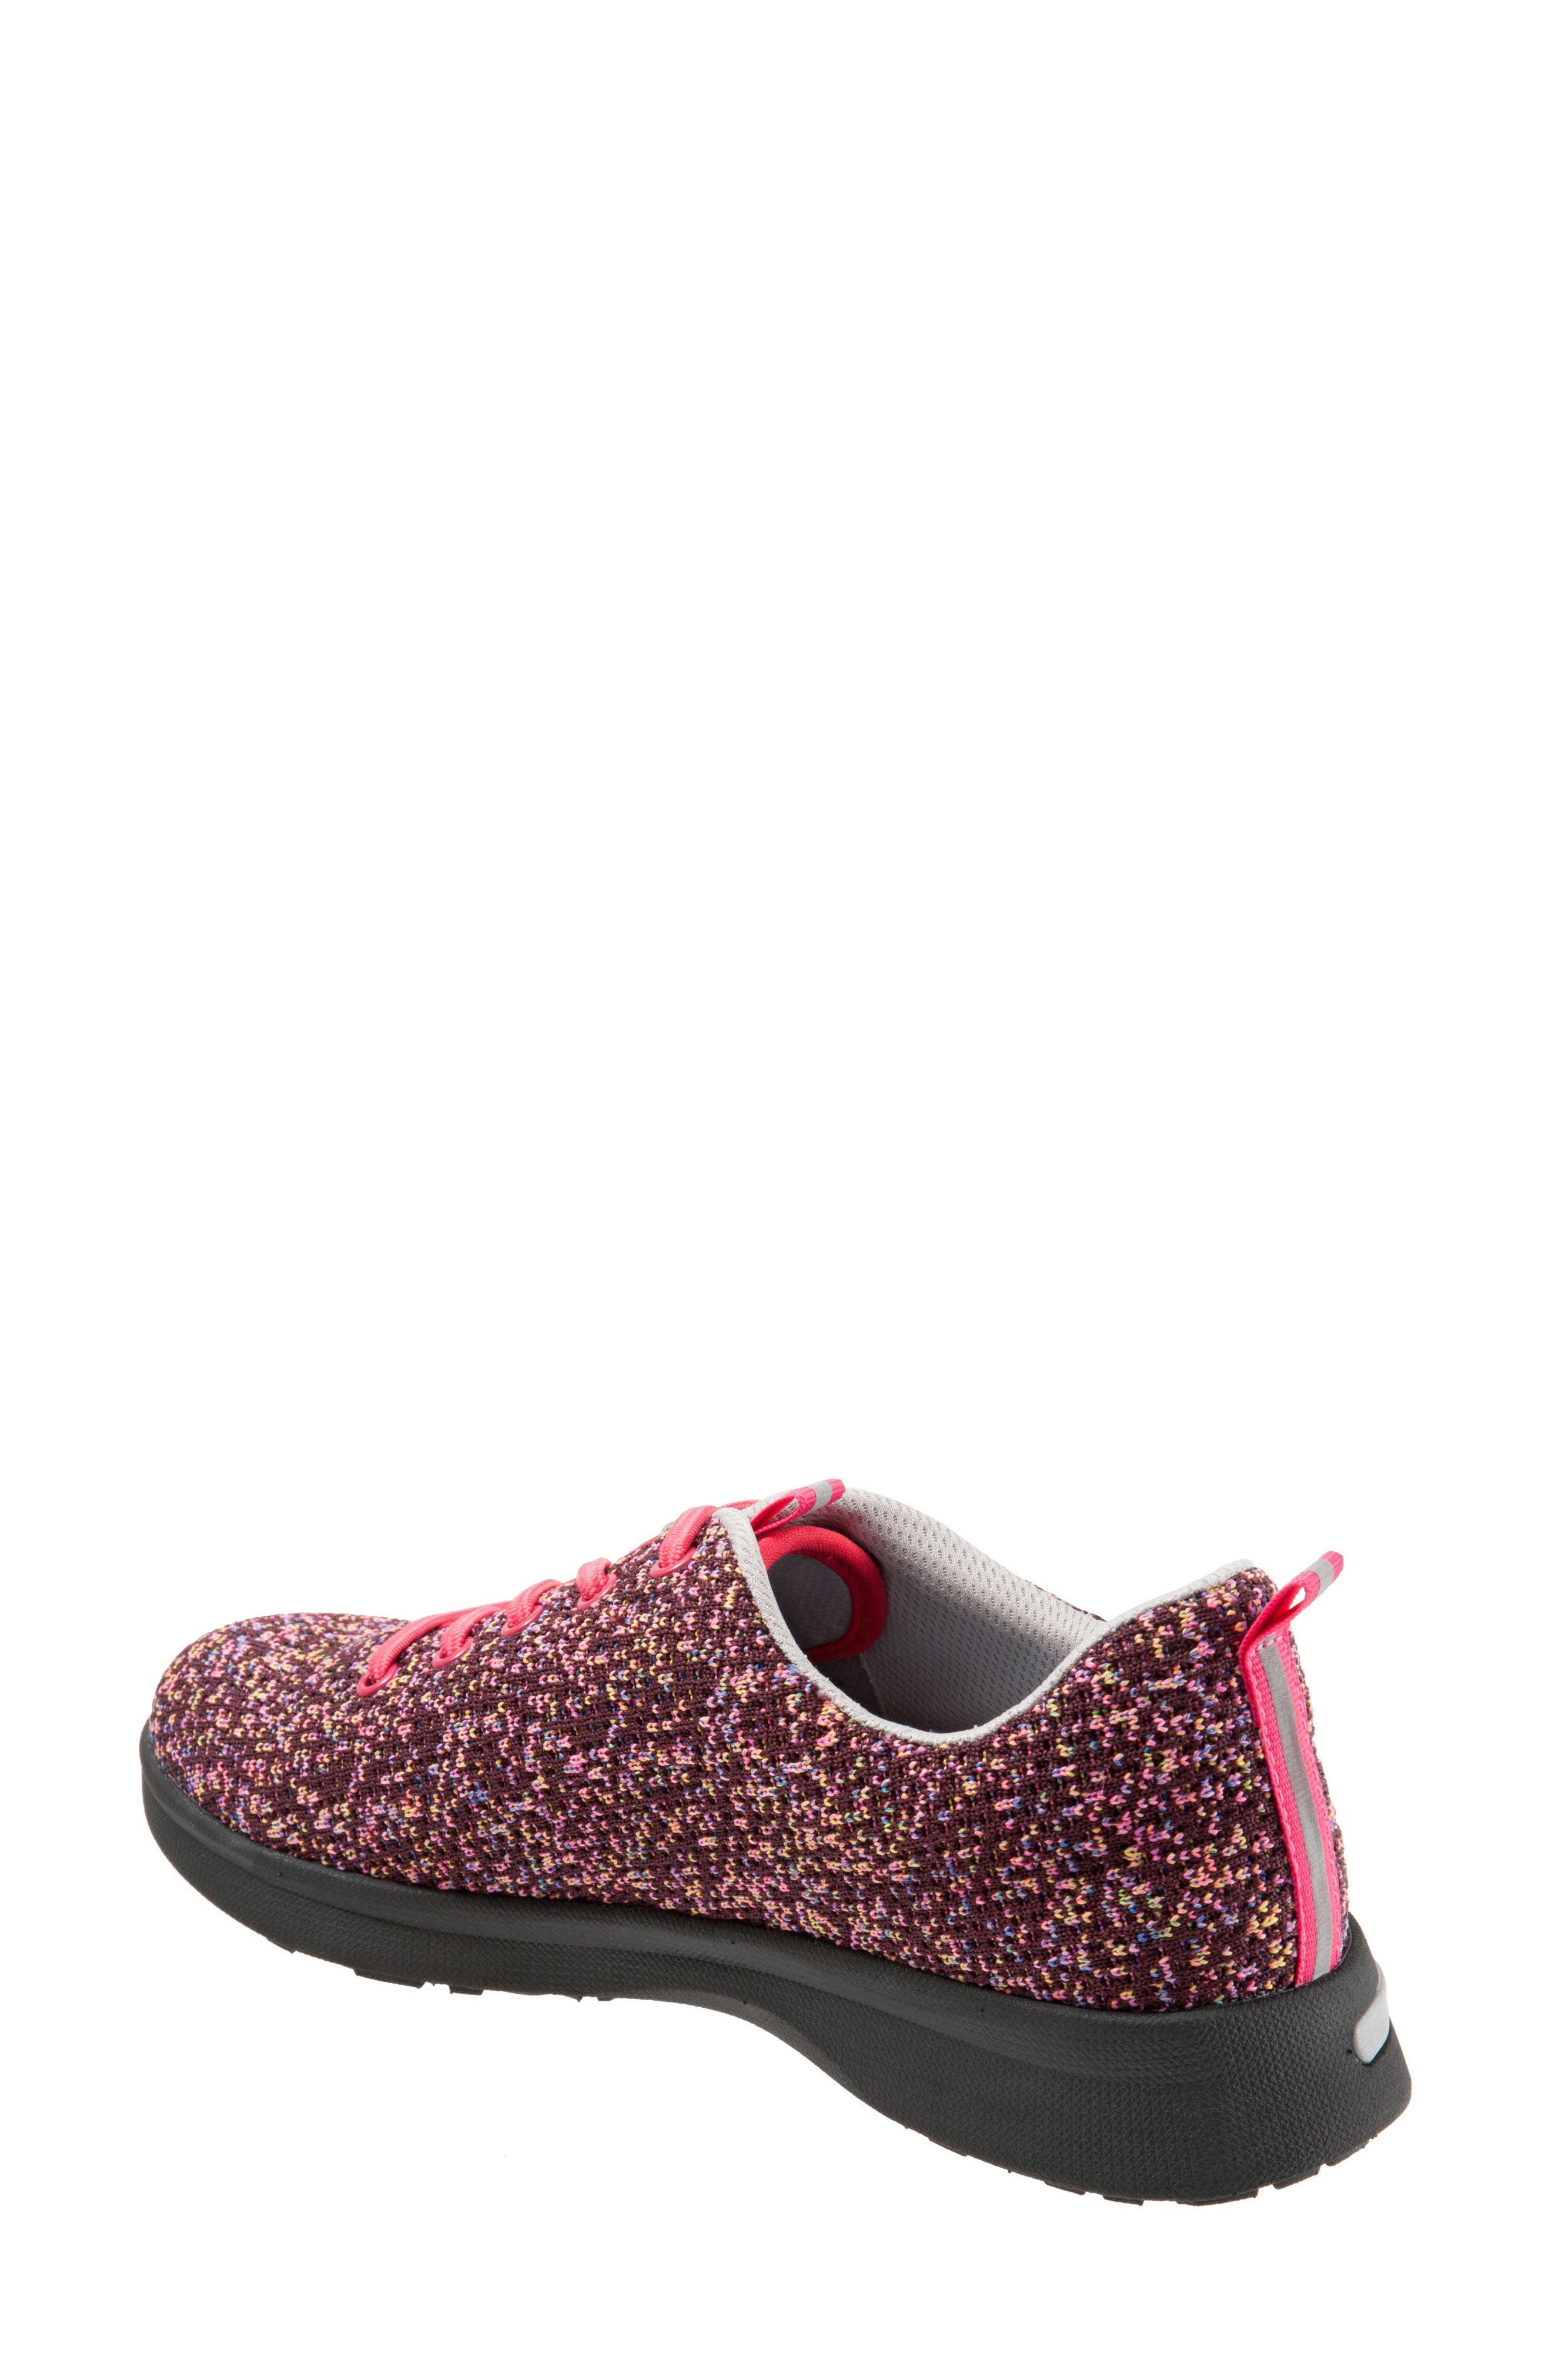 Sampson Sneaker,                             Alternate thumbnail 4, color,